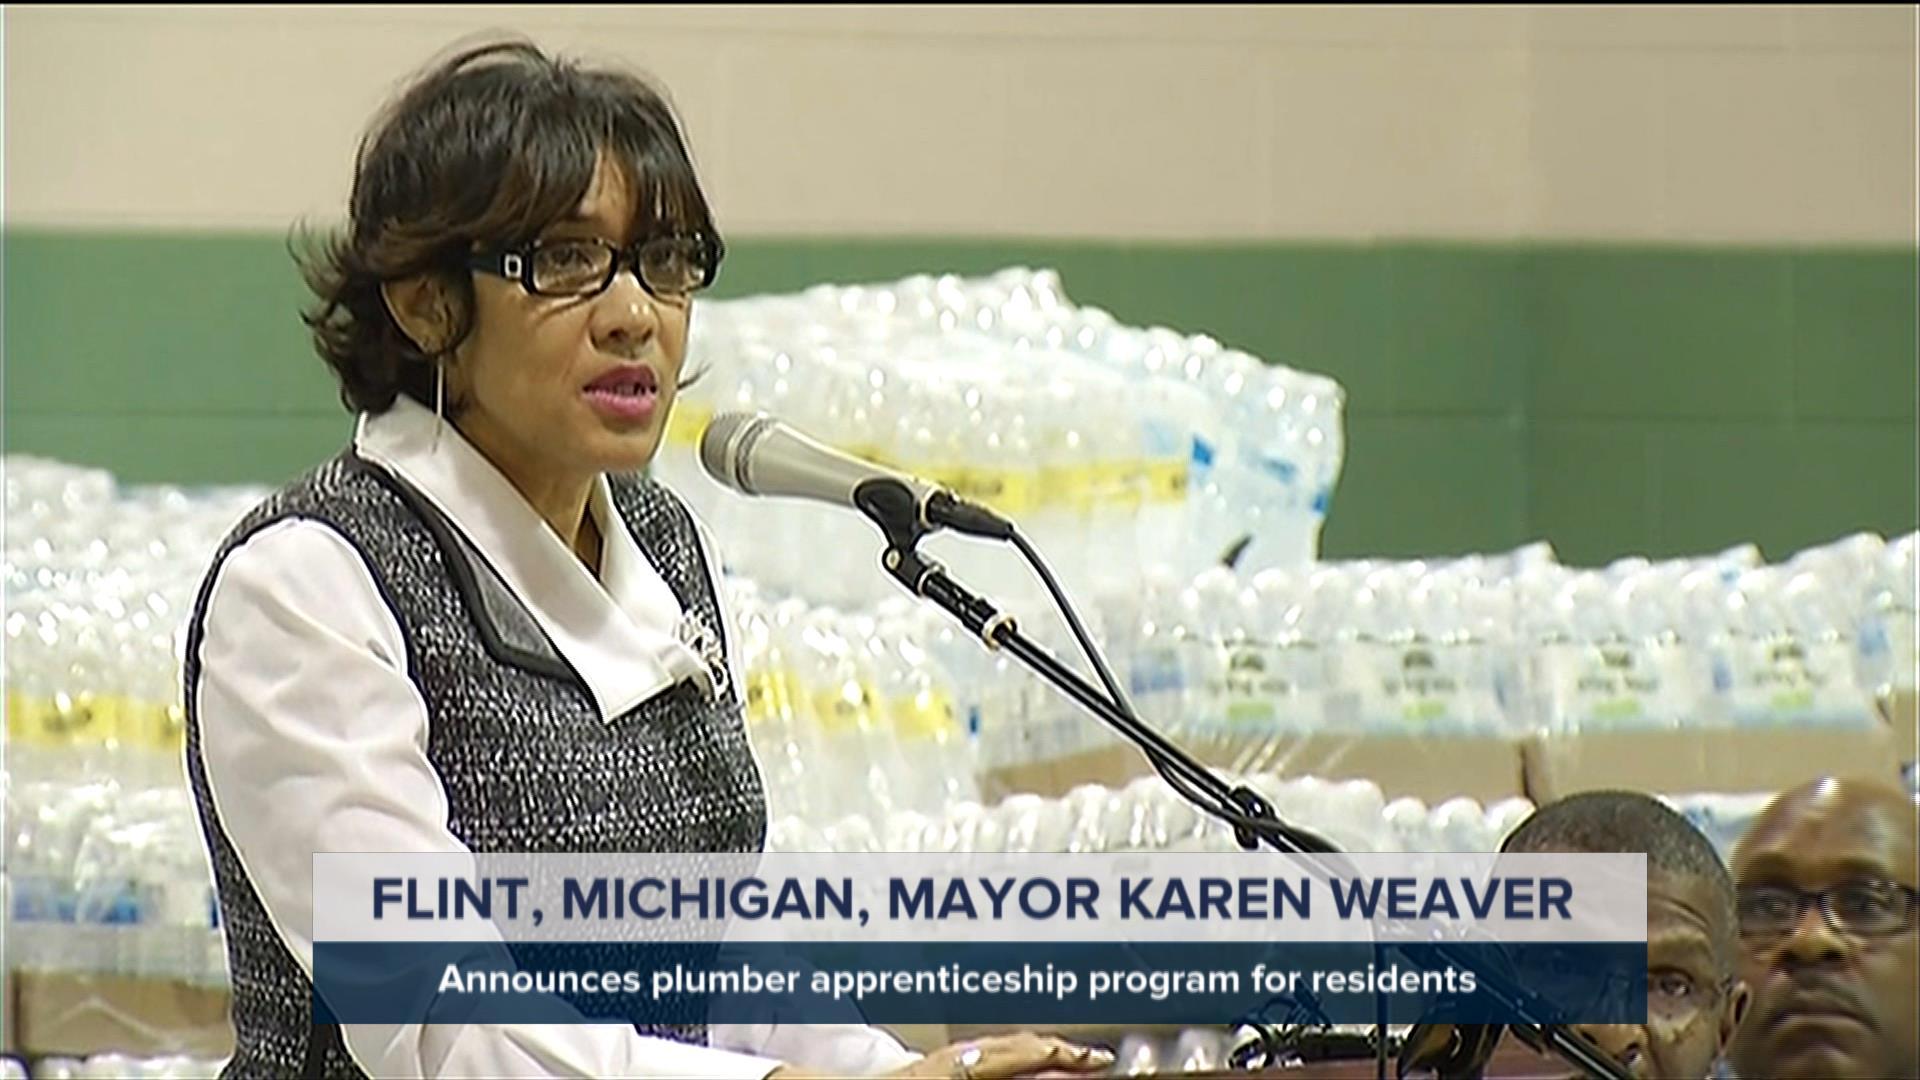 Flint mayor announces jobs program